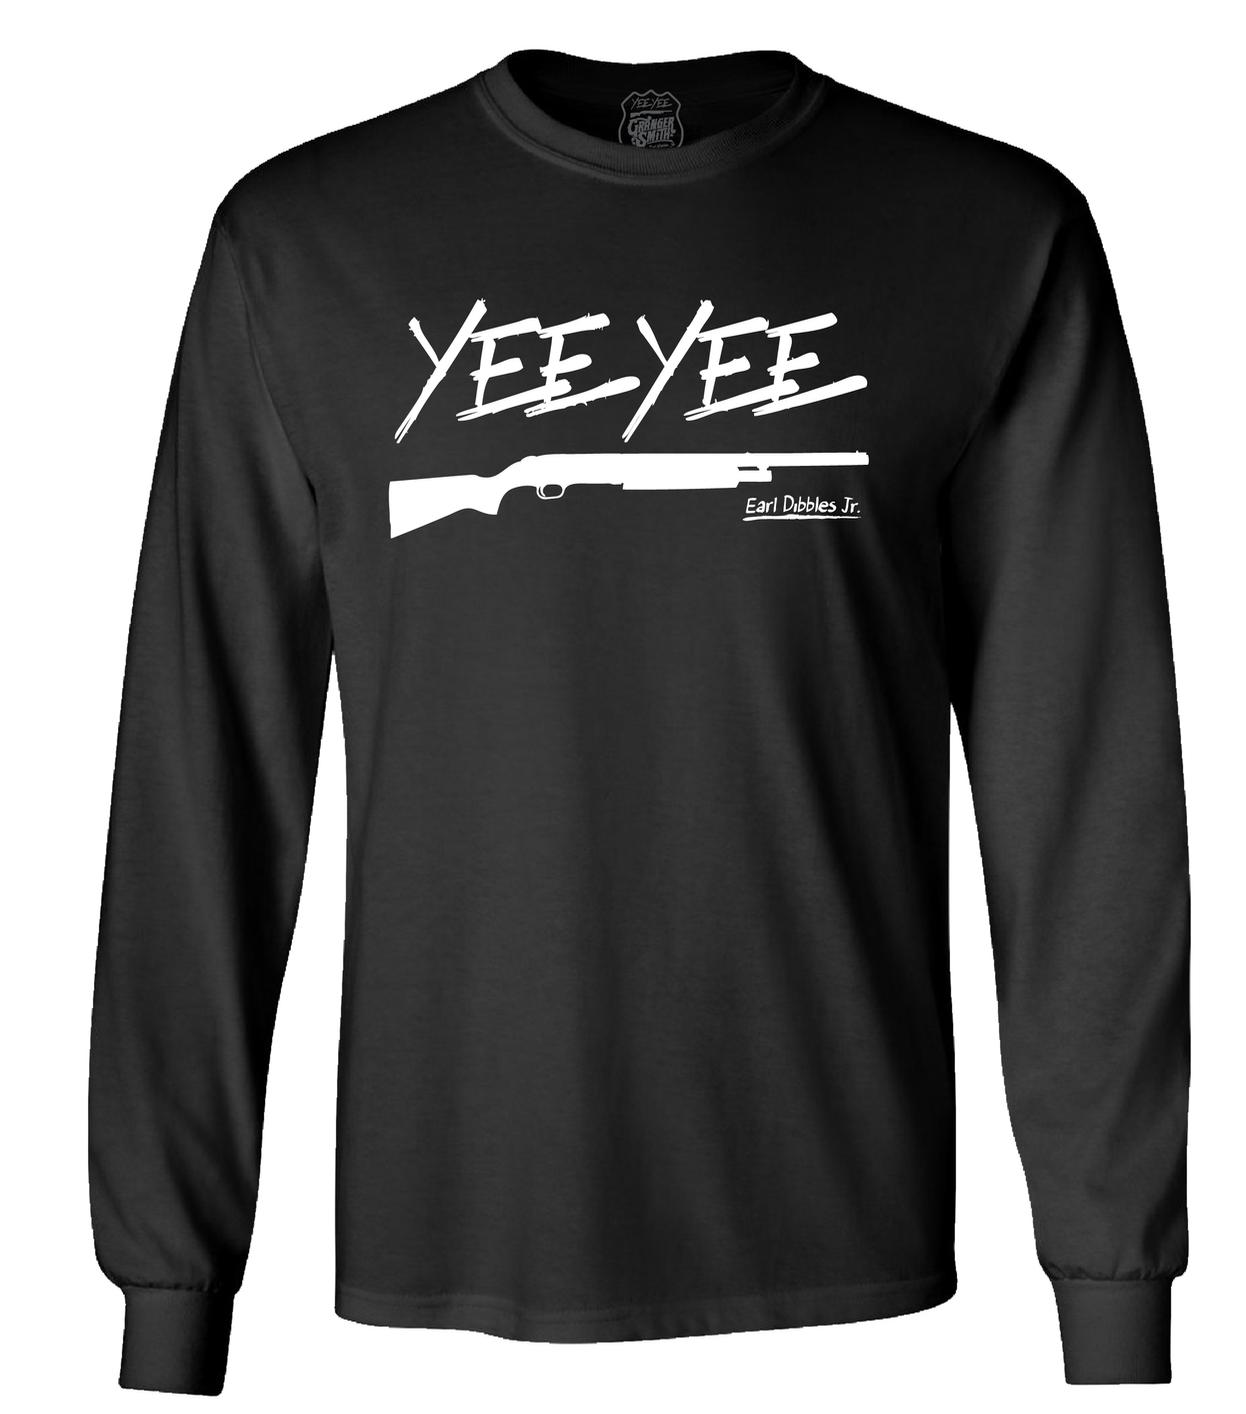 Original Yee Yee Long Sleeve